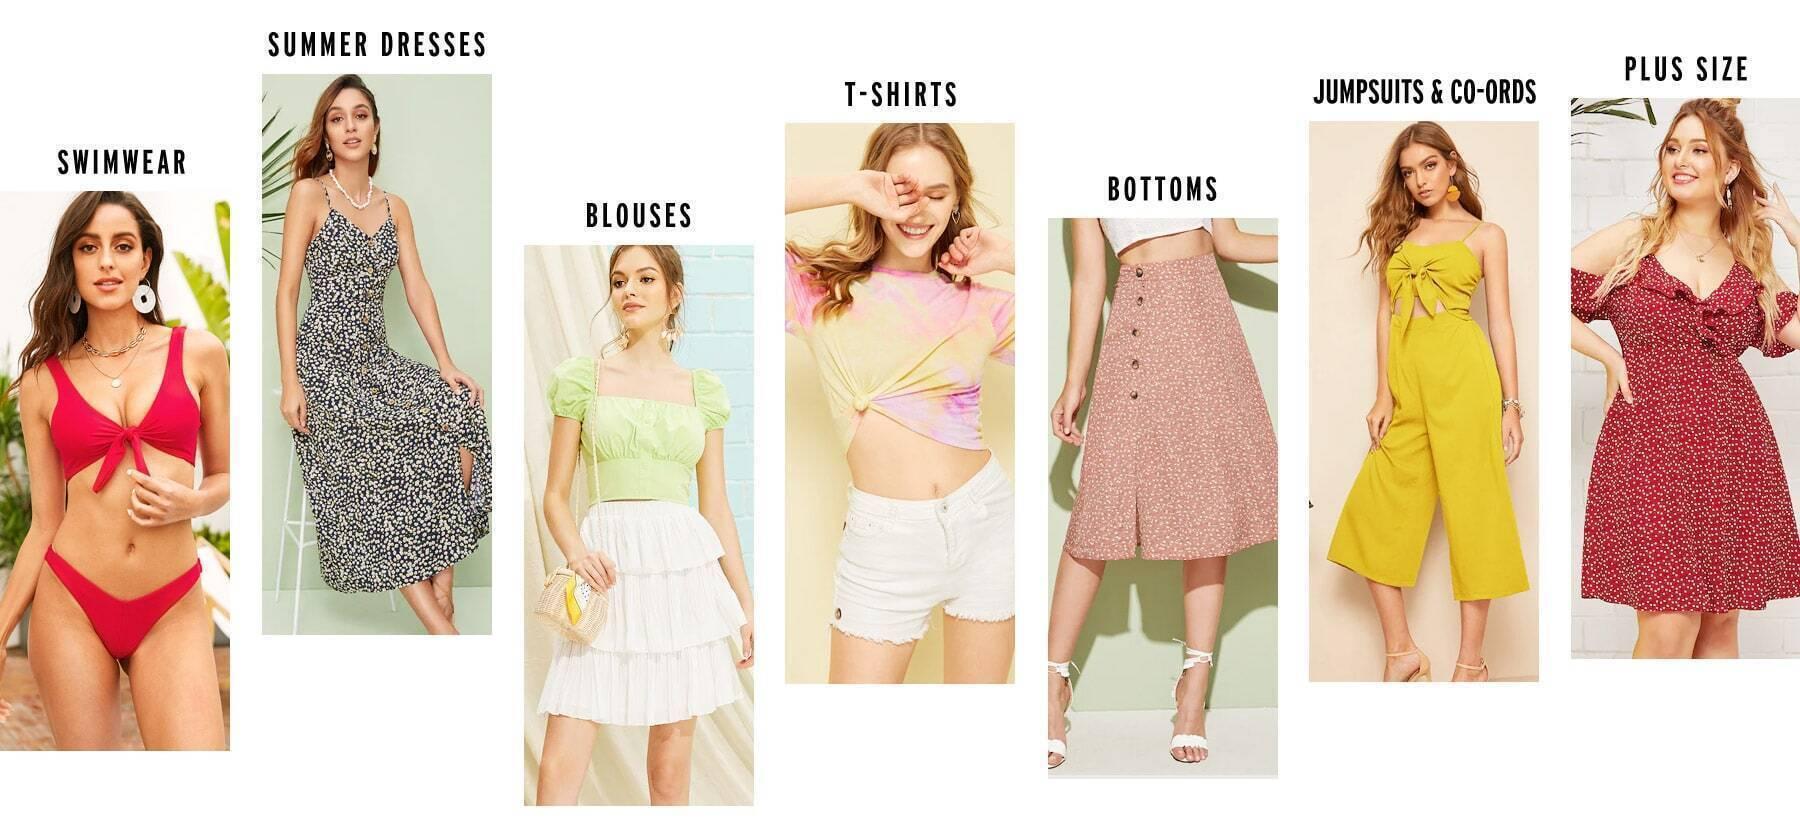 1a48fa51c14b Women's Clothing & Fashion, Shop Womenswear Clothing   SHEIN UK